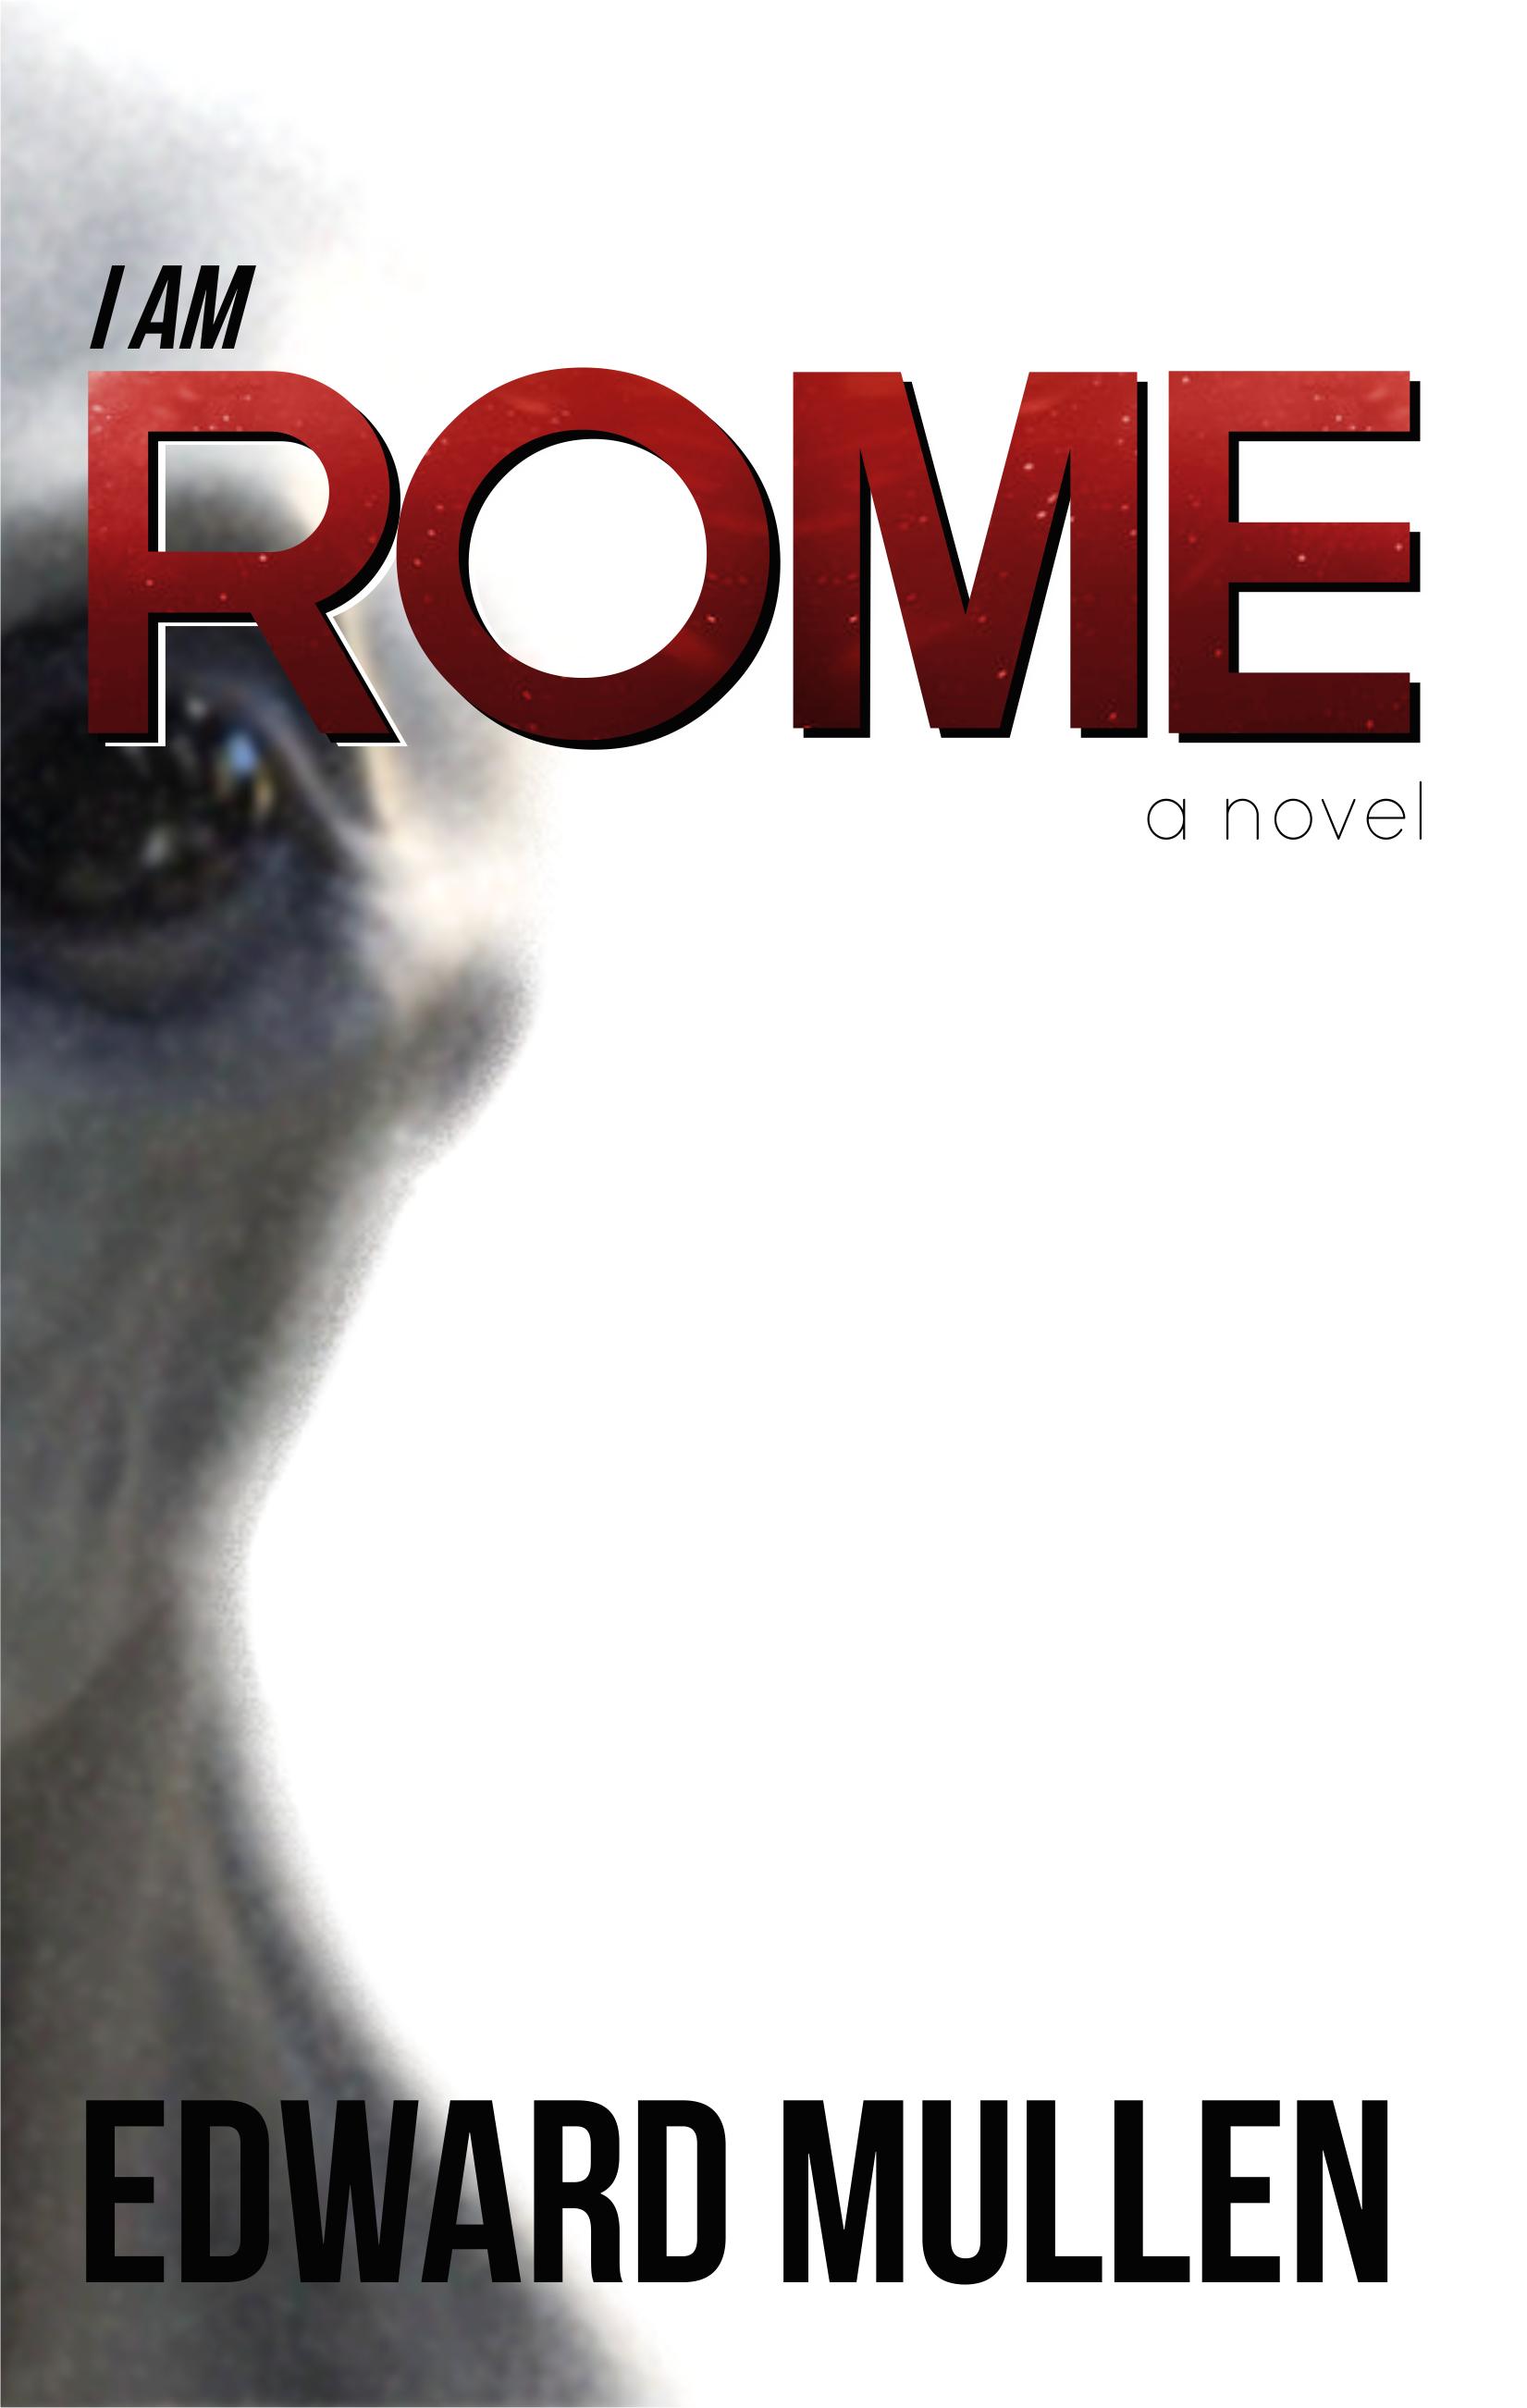 I am Rome